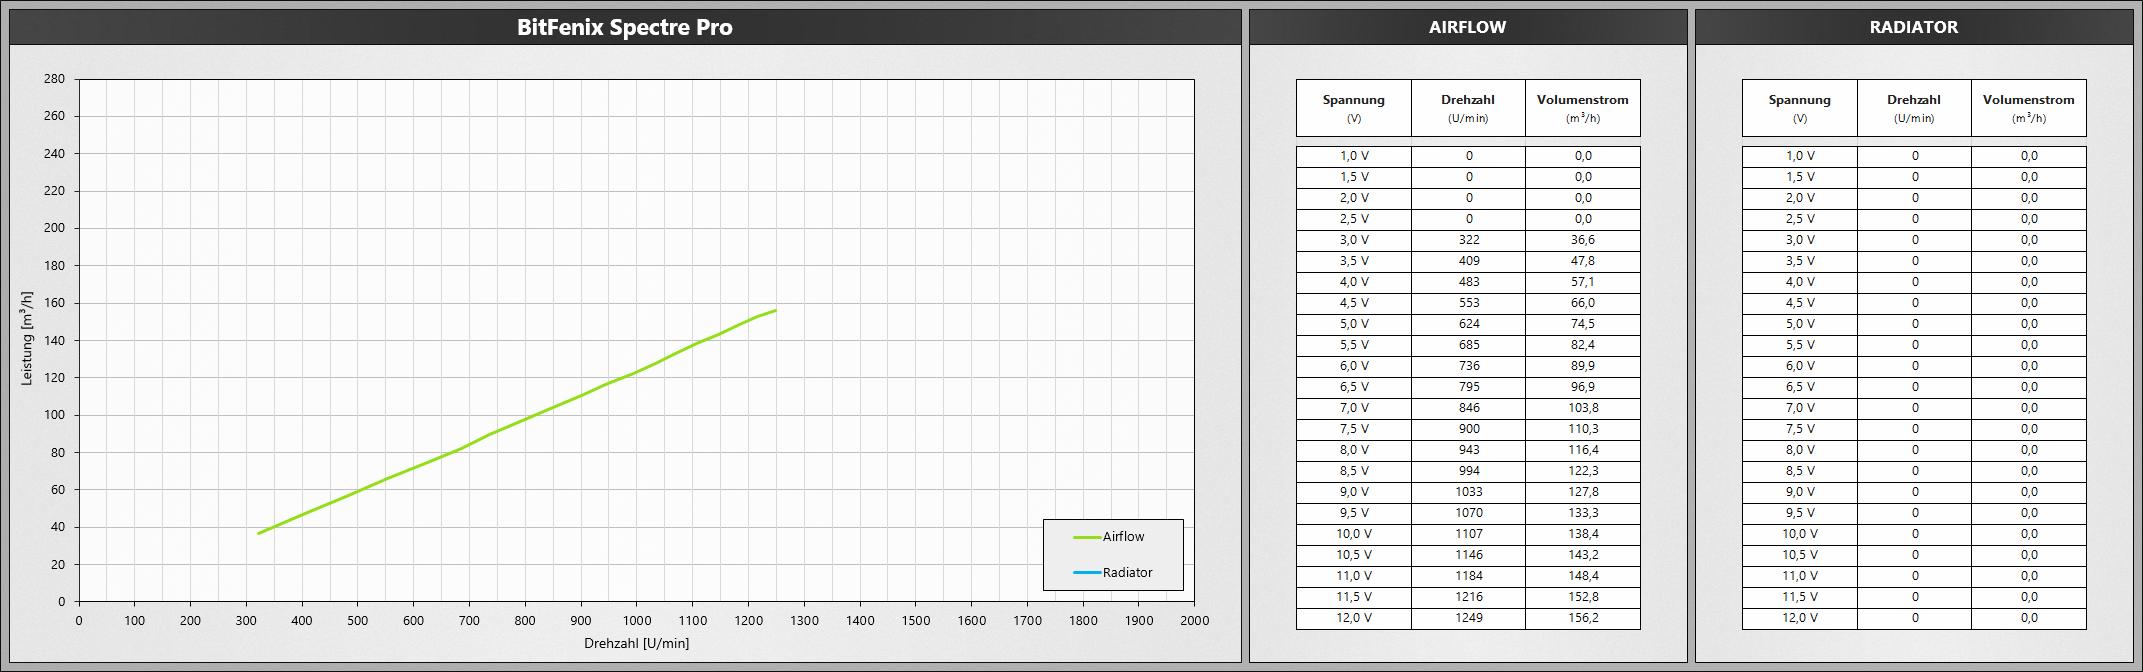 Klicken Sie auf die Grafik für eine größere Ansicht  Name:BitFenixSpectrePro.png Hits:648 Größe:466,7 KB ID:1074741